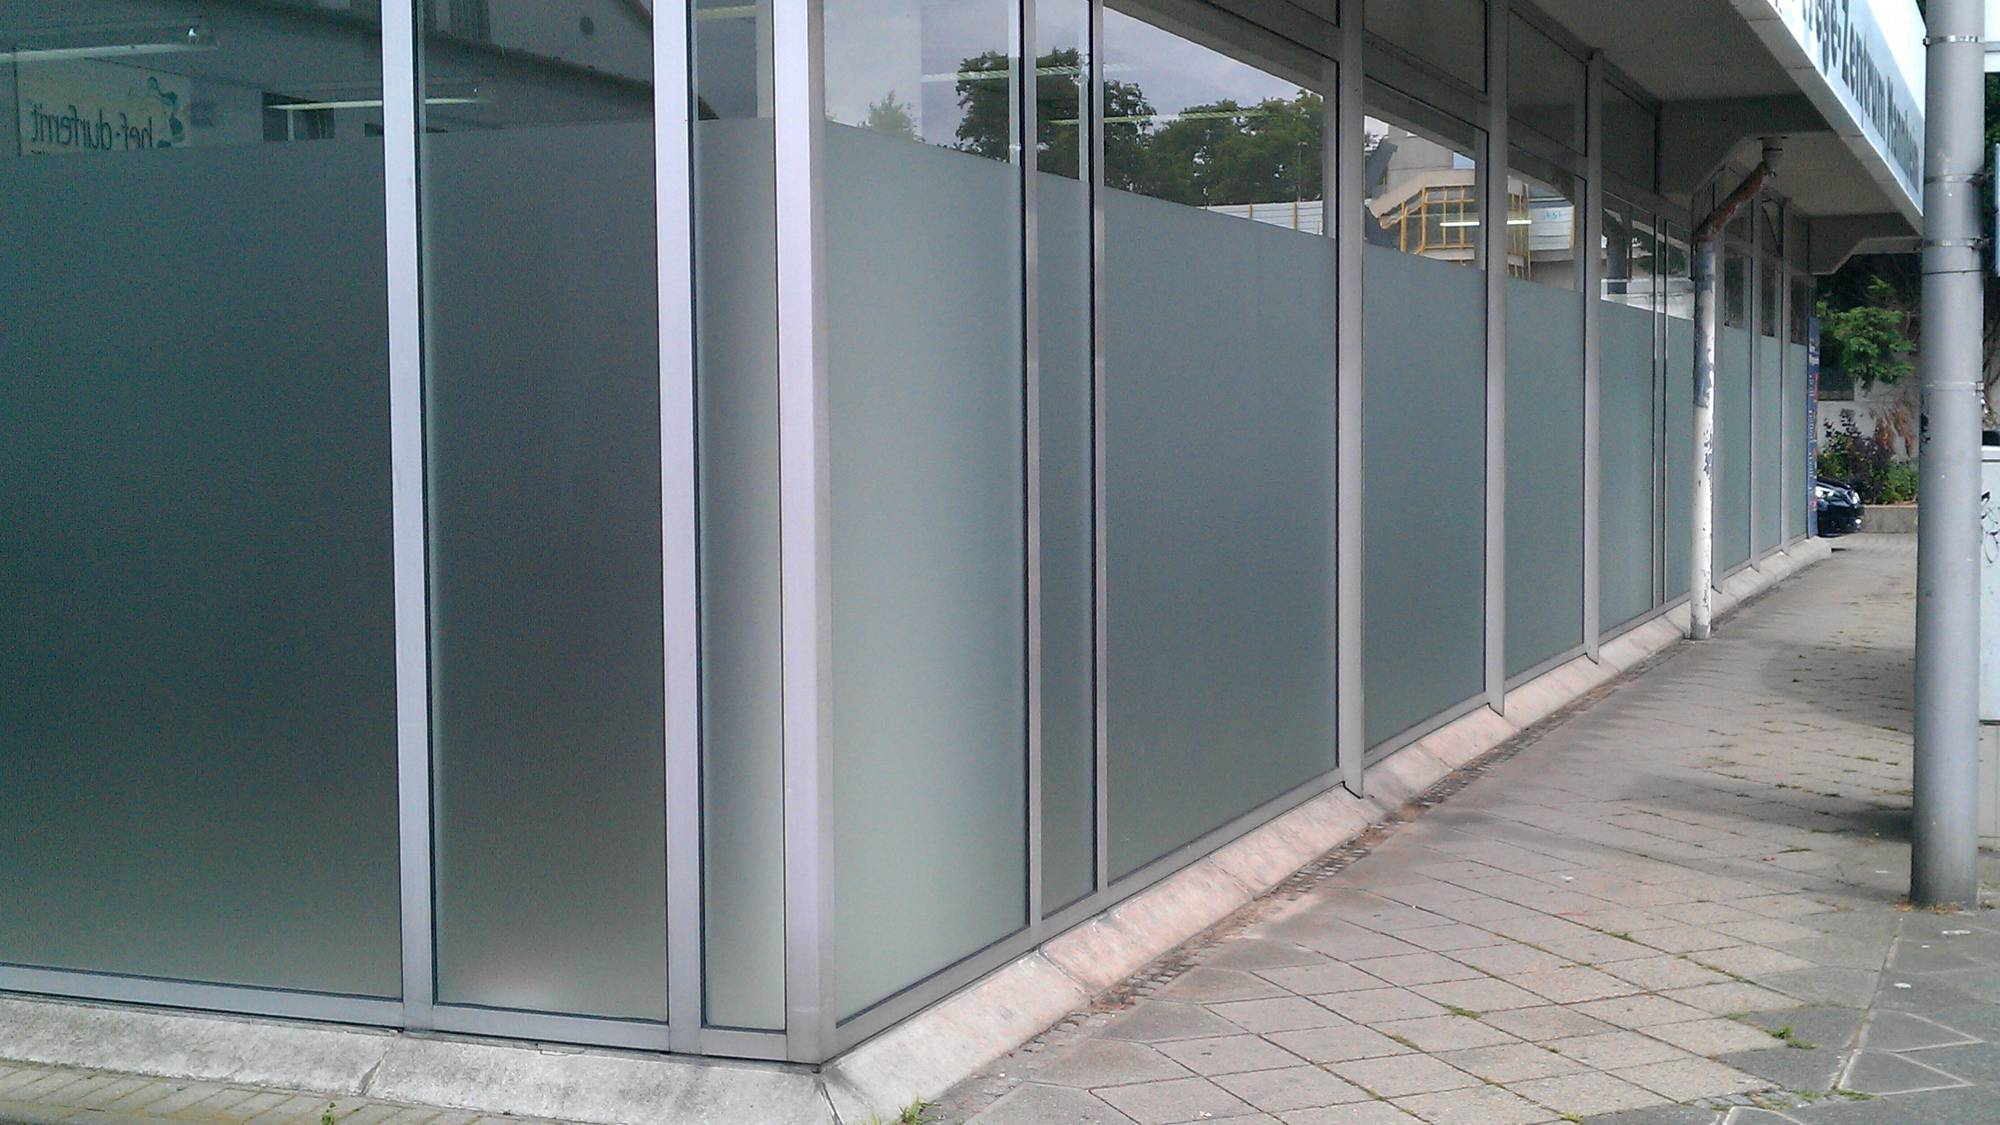 Sichtschutz Selber Bauen Stoff Simple With Sichtschutz Selber